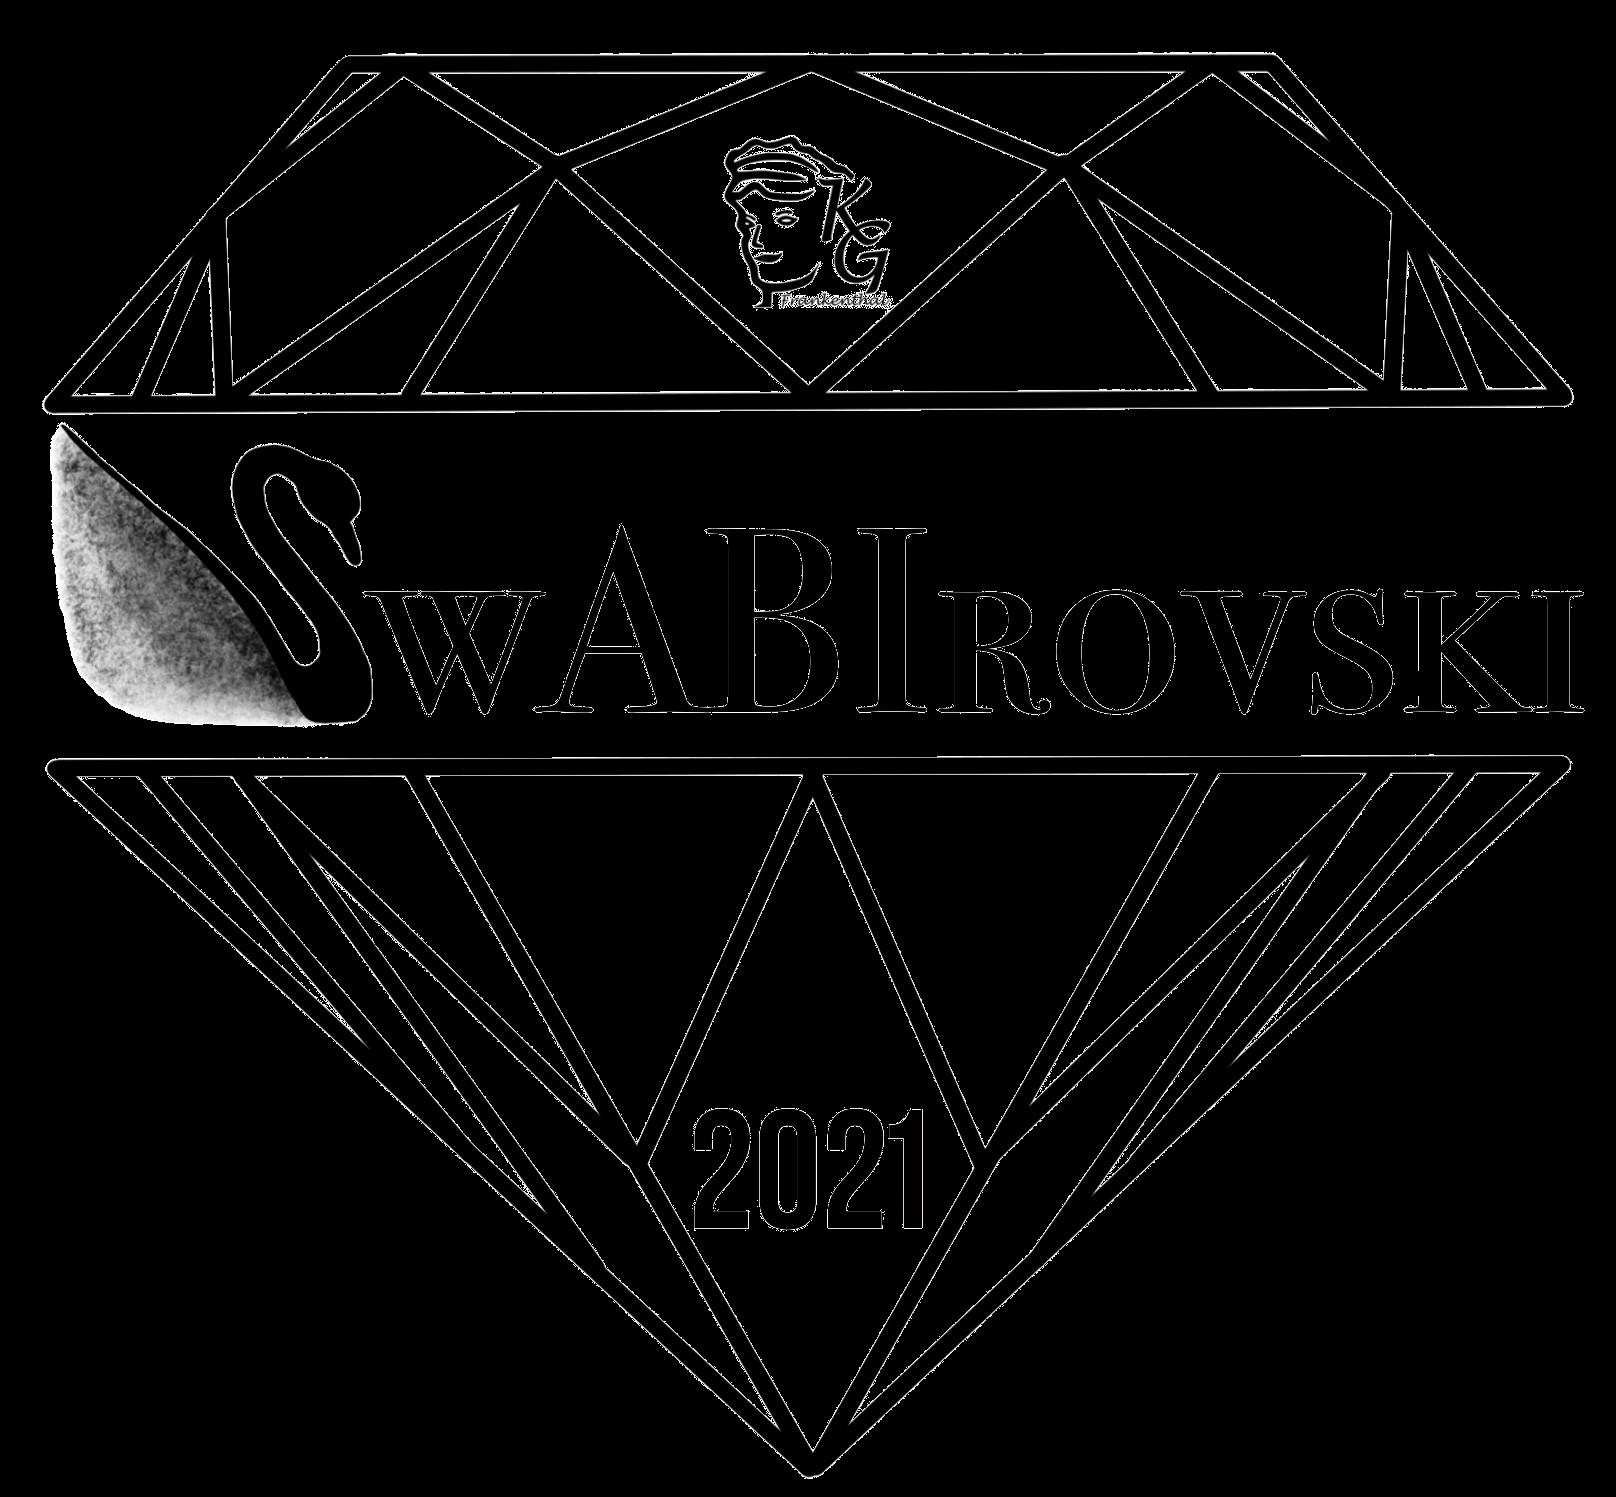 SwABIrovski - die Diamanten sind geschliffen